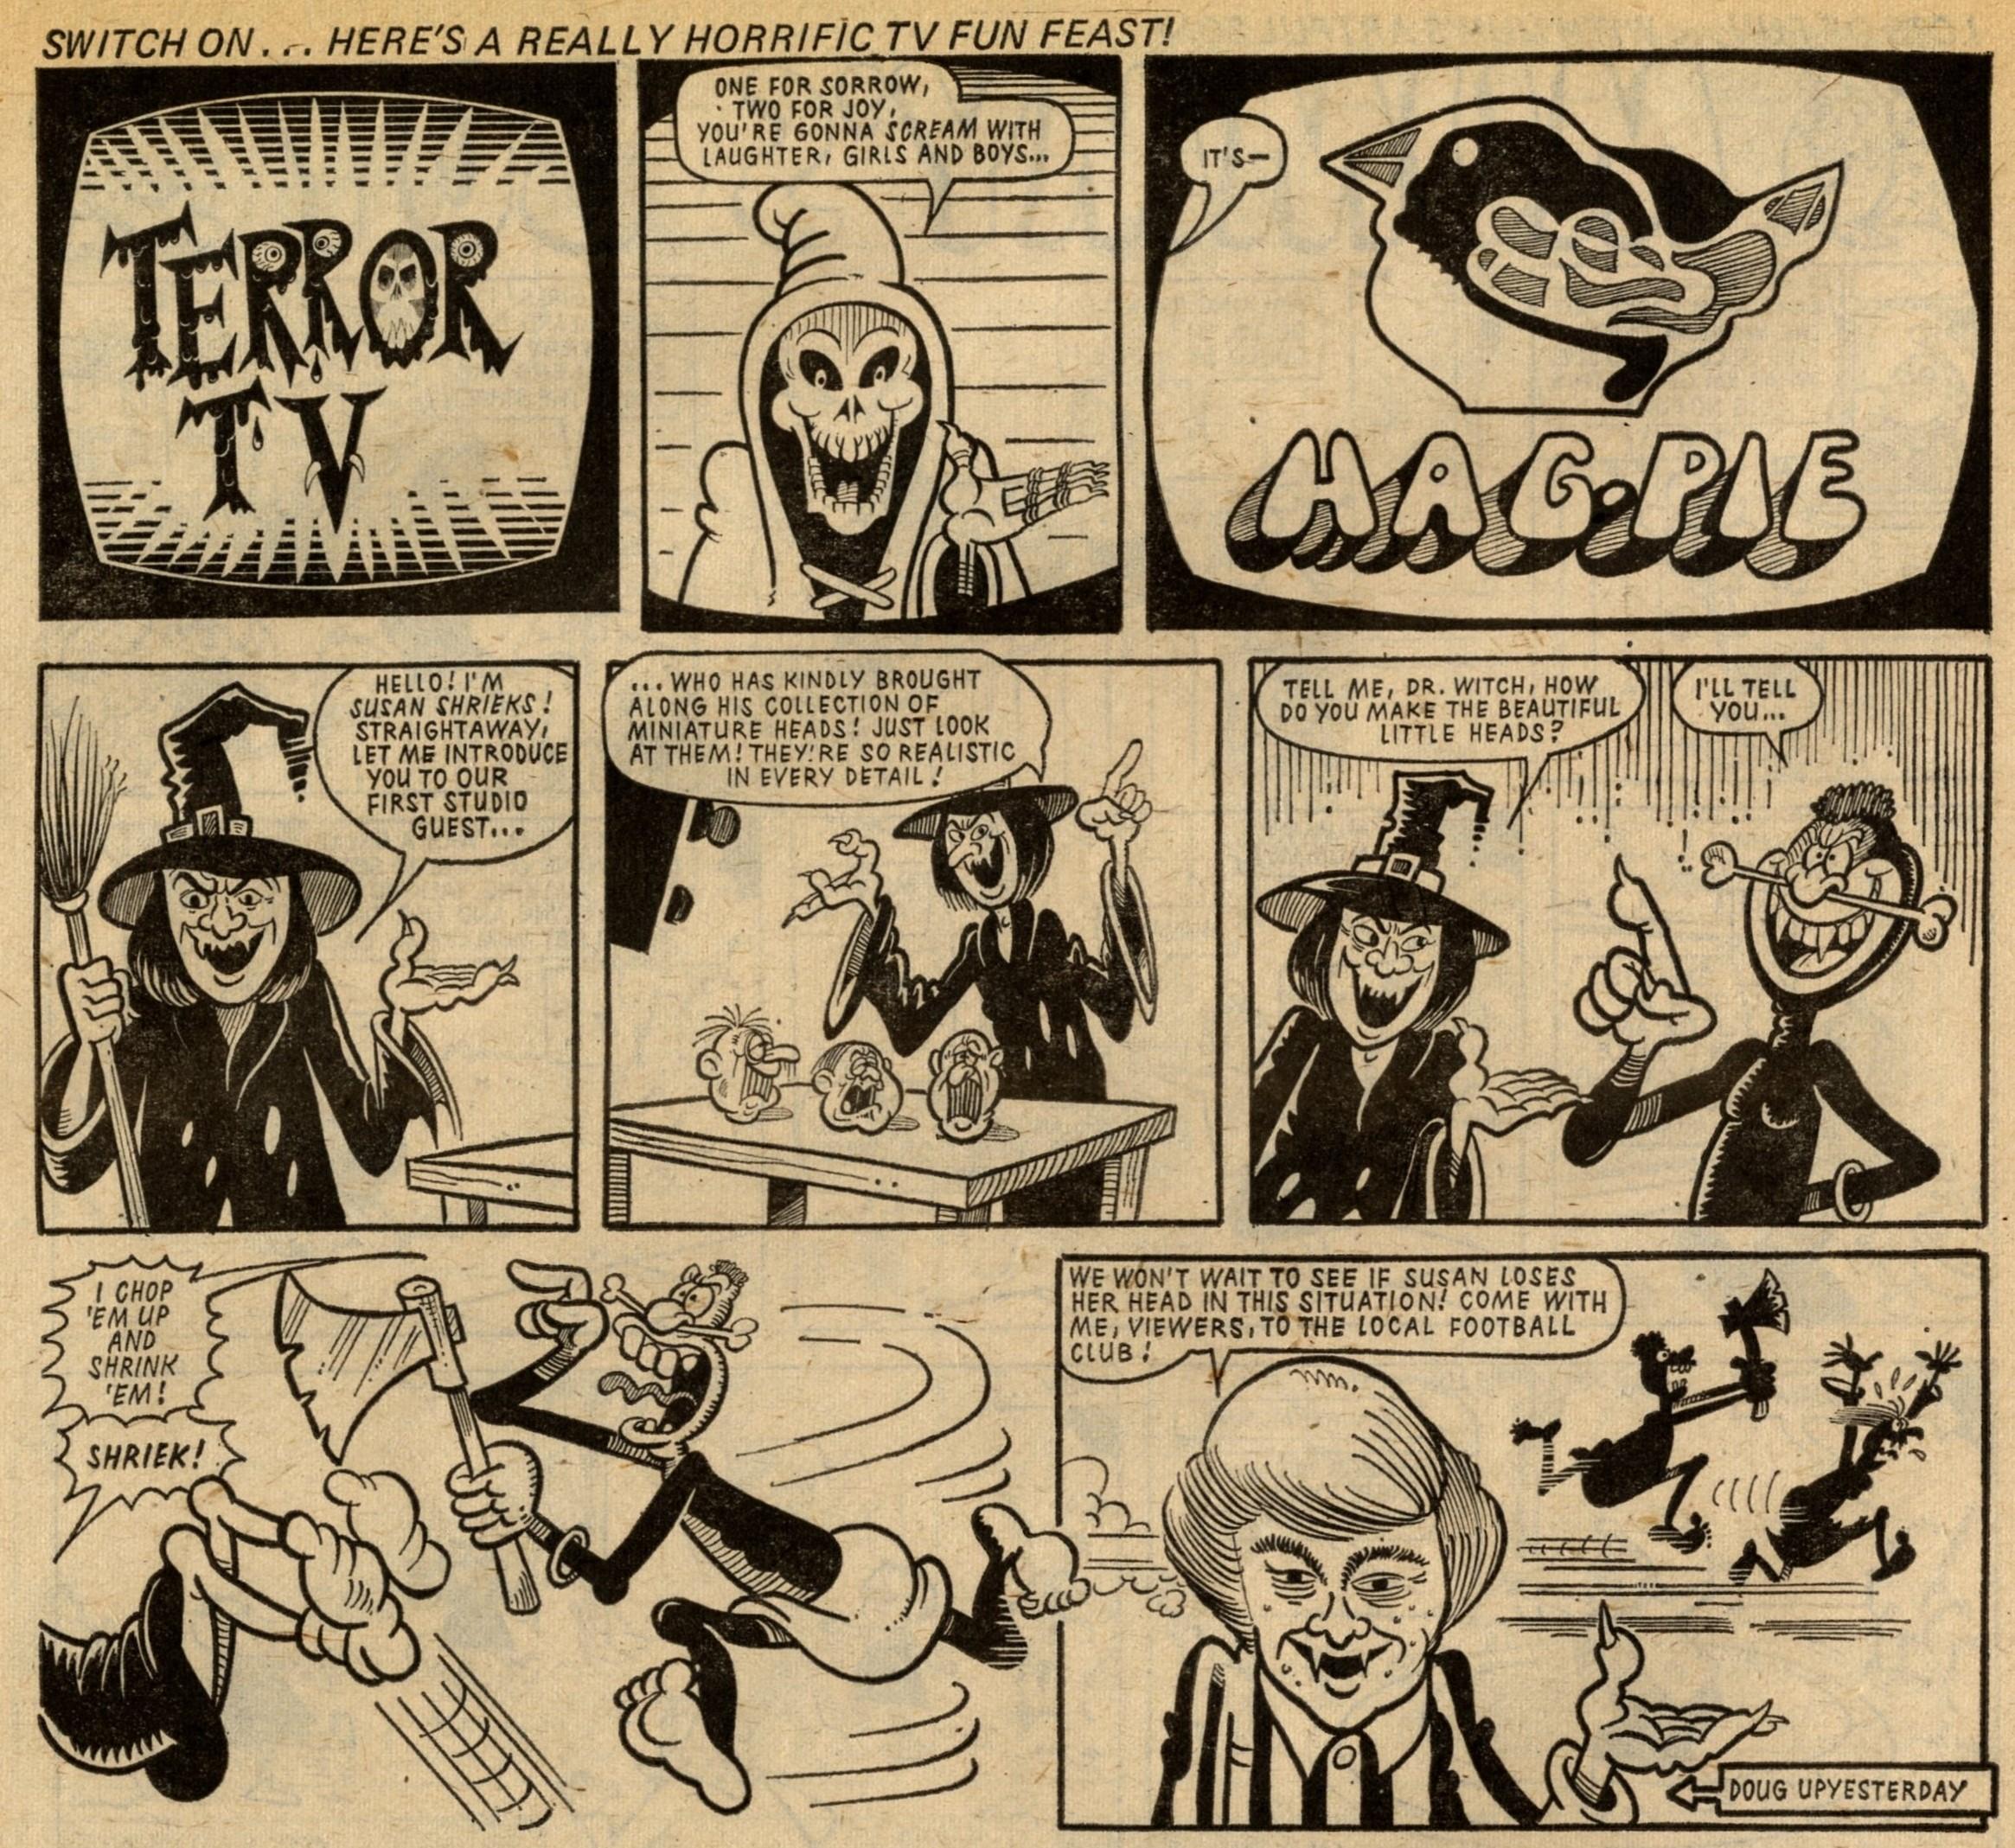 Terror TV: Barrie Appleby (artist)